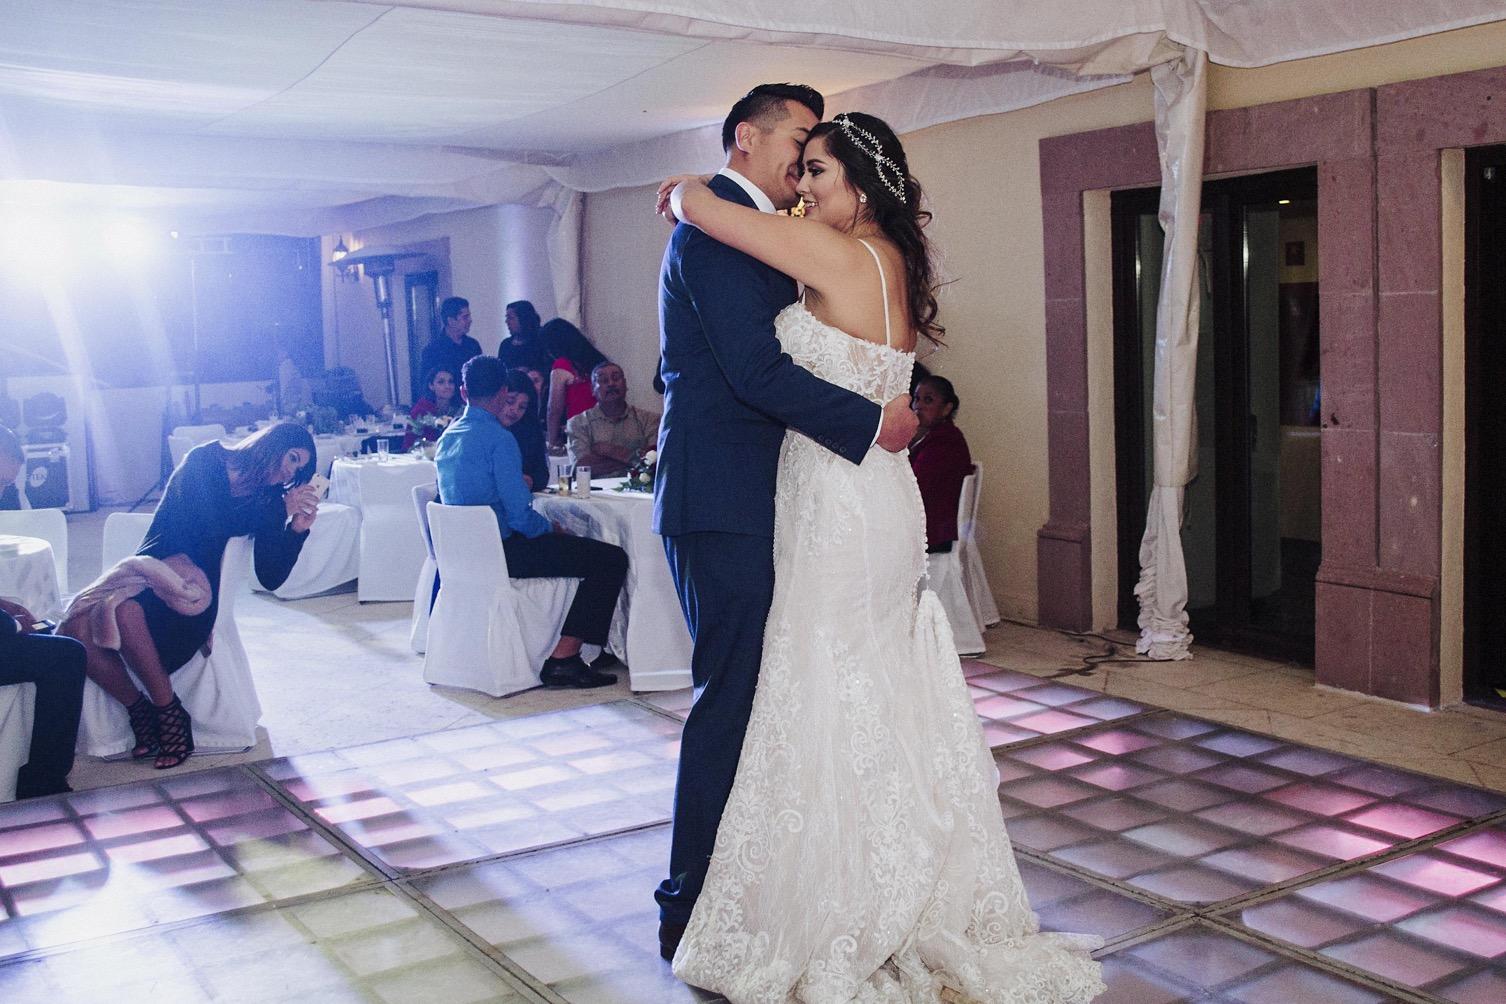 fotografo_profesional_bodas_zacatecas_mexico-87